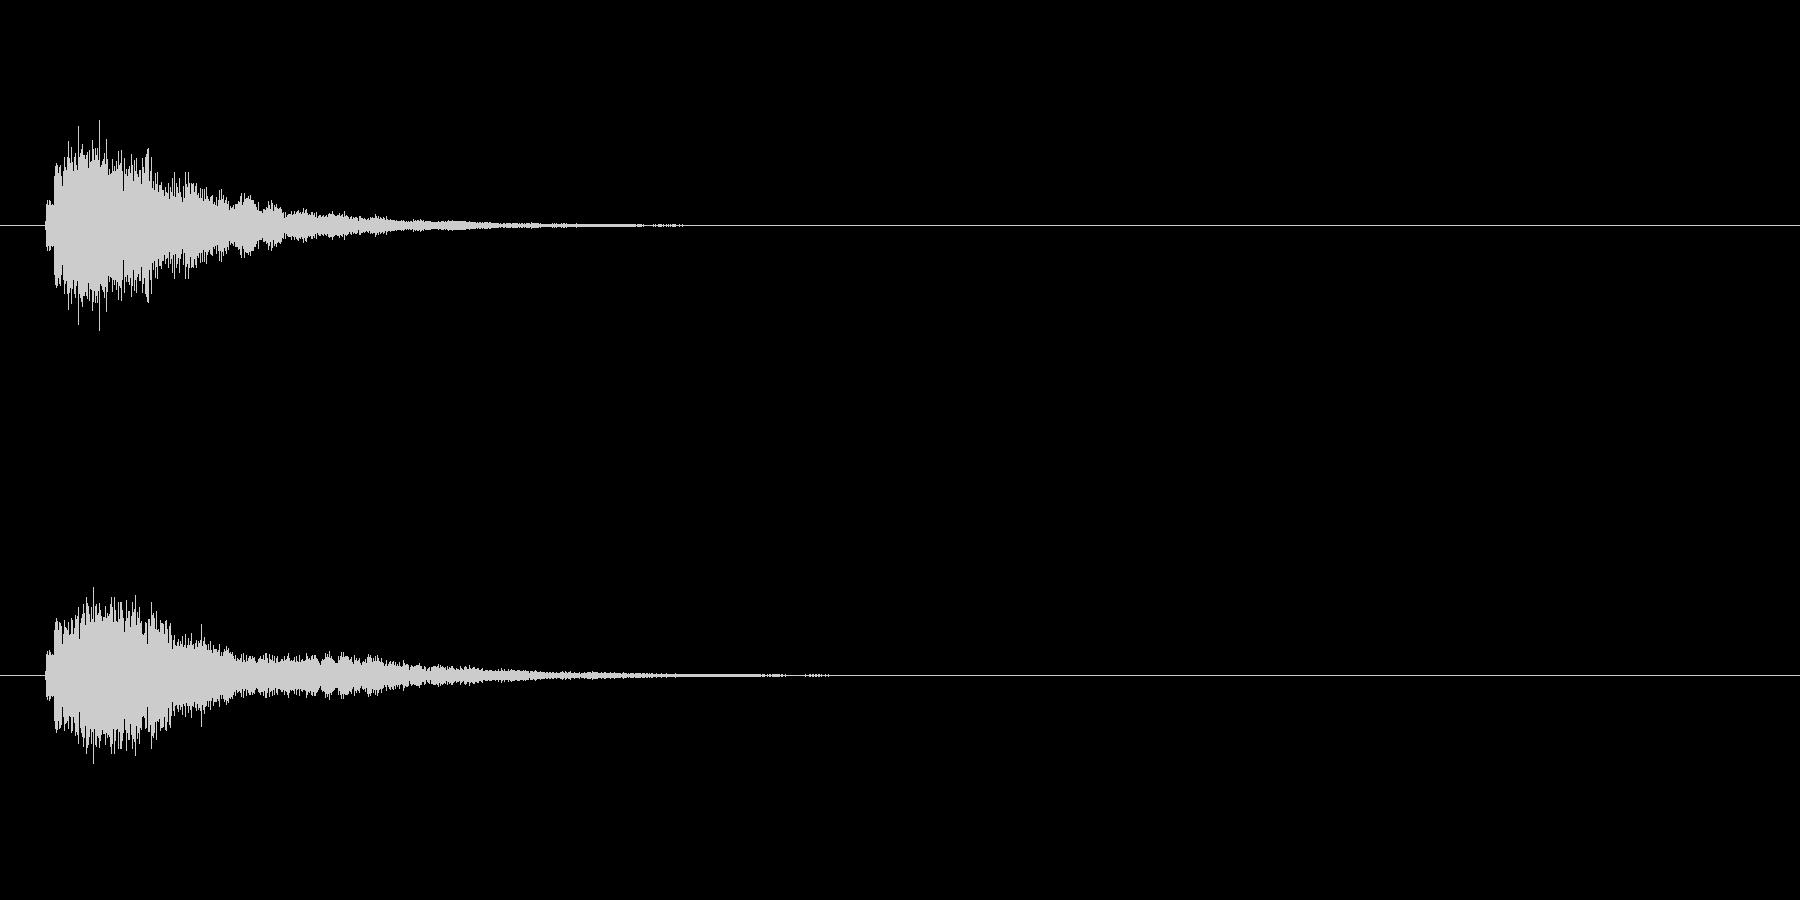 アイテムや魔法の音(キラキラ)の未再生の波形